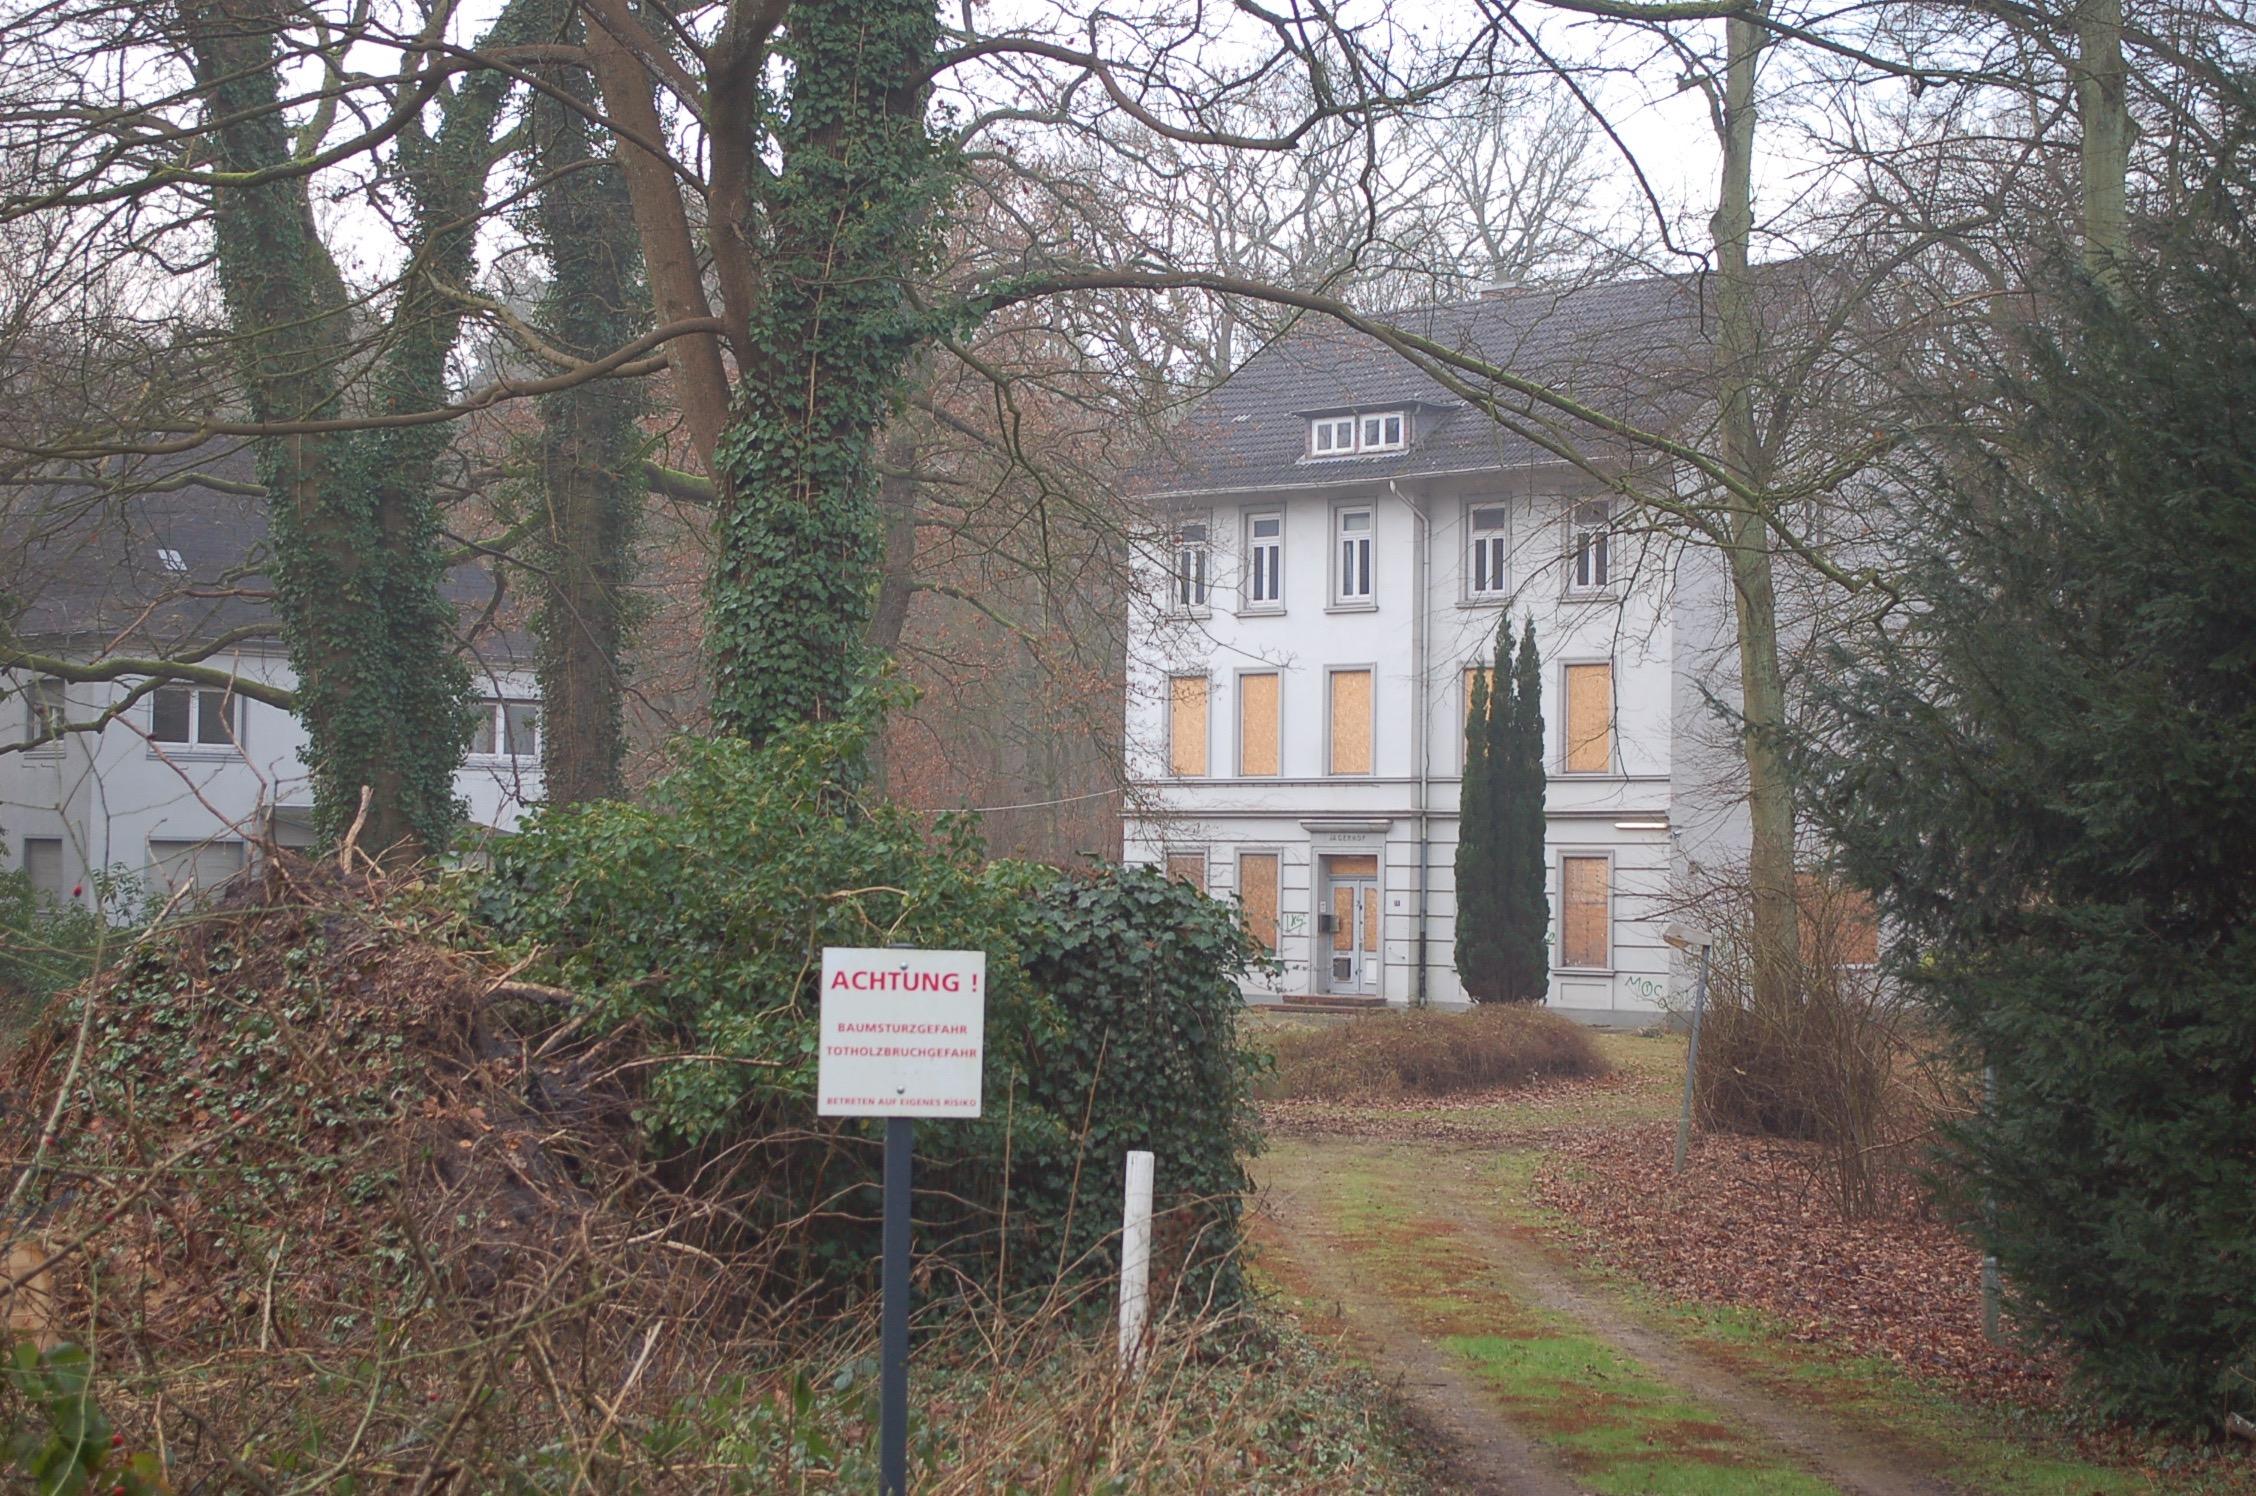 mk -Der Alte Jägerhof verweilt schon lange im Dornröschenschlaf.